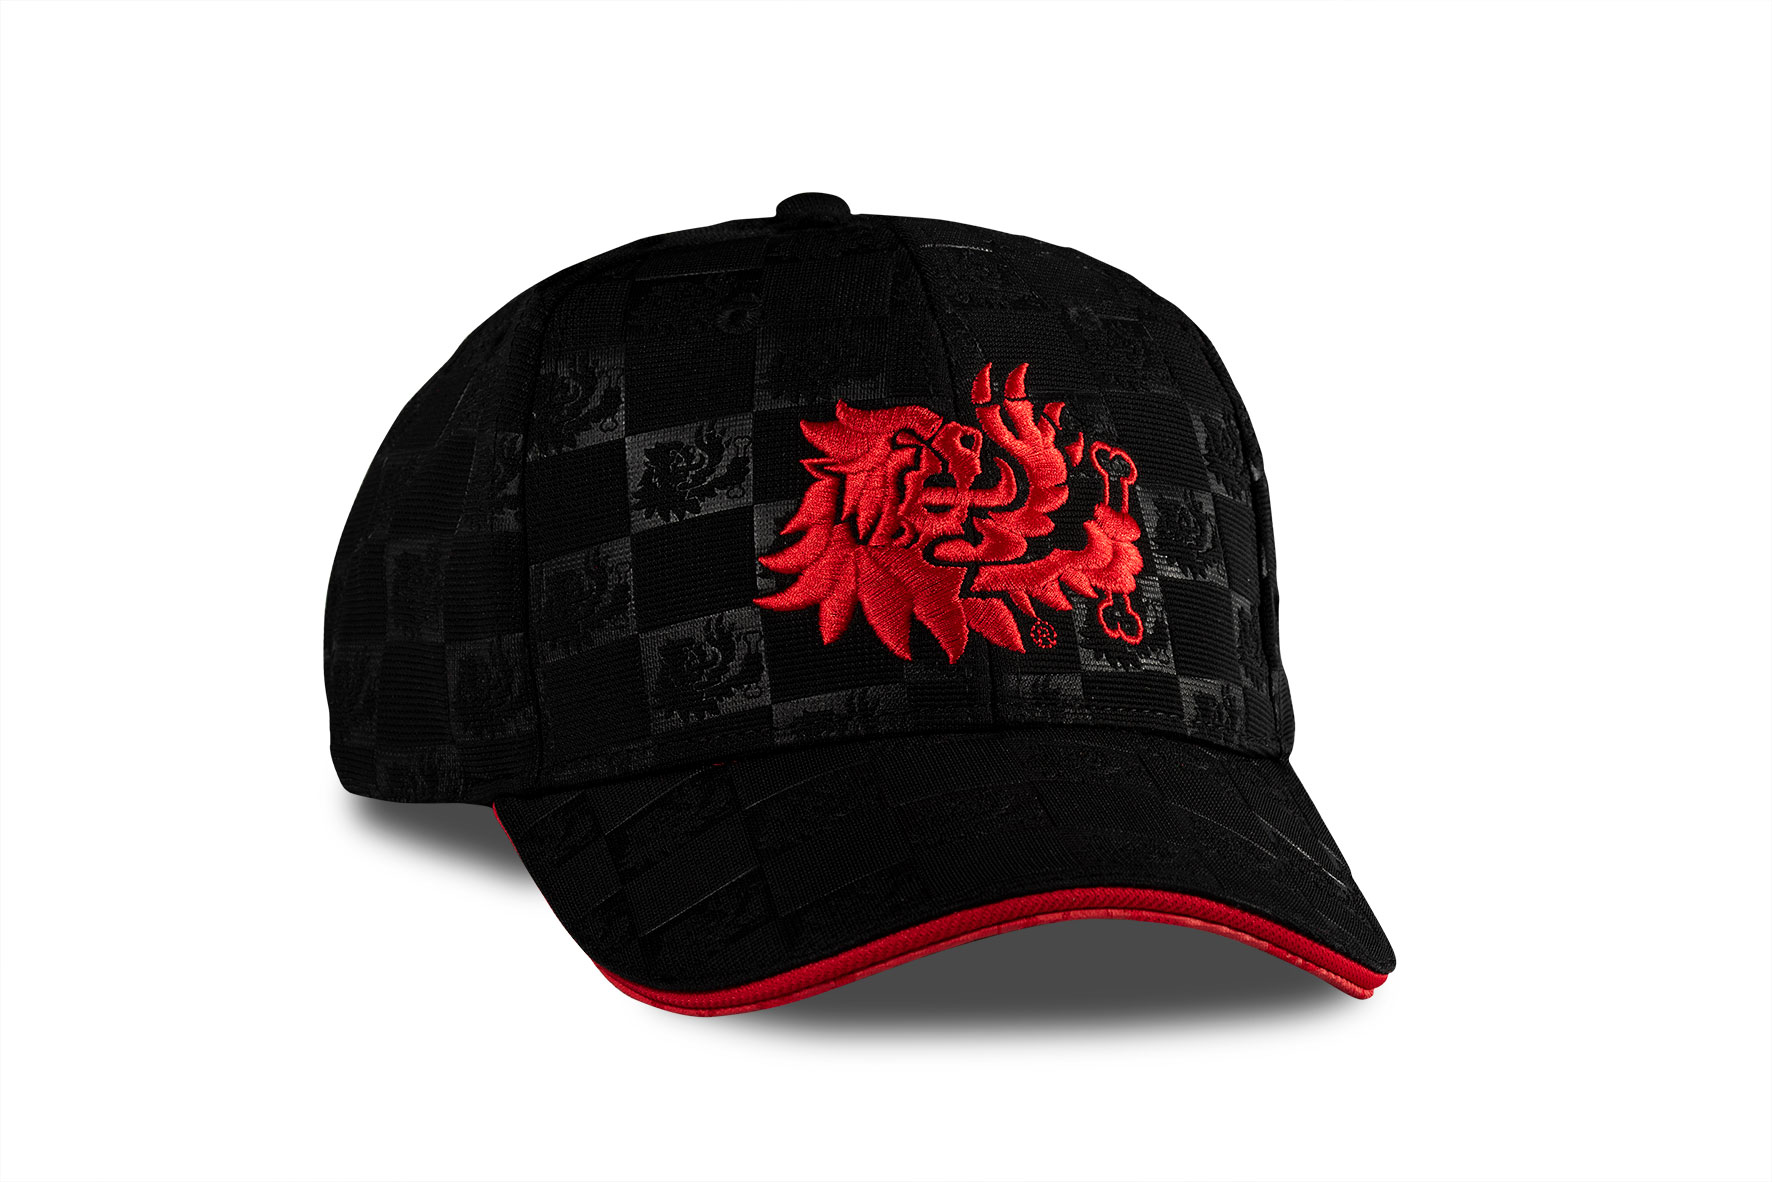 BLACK LION HEAD TEXTURE CAP